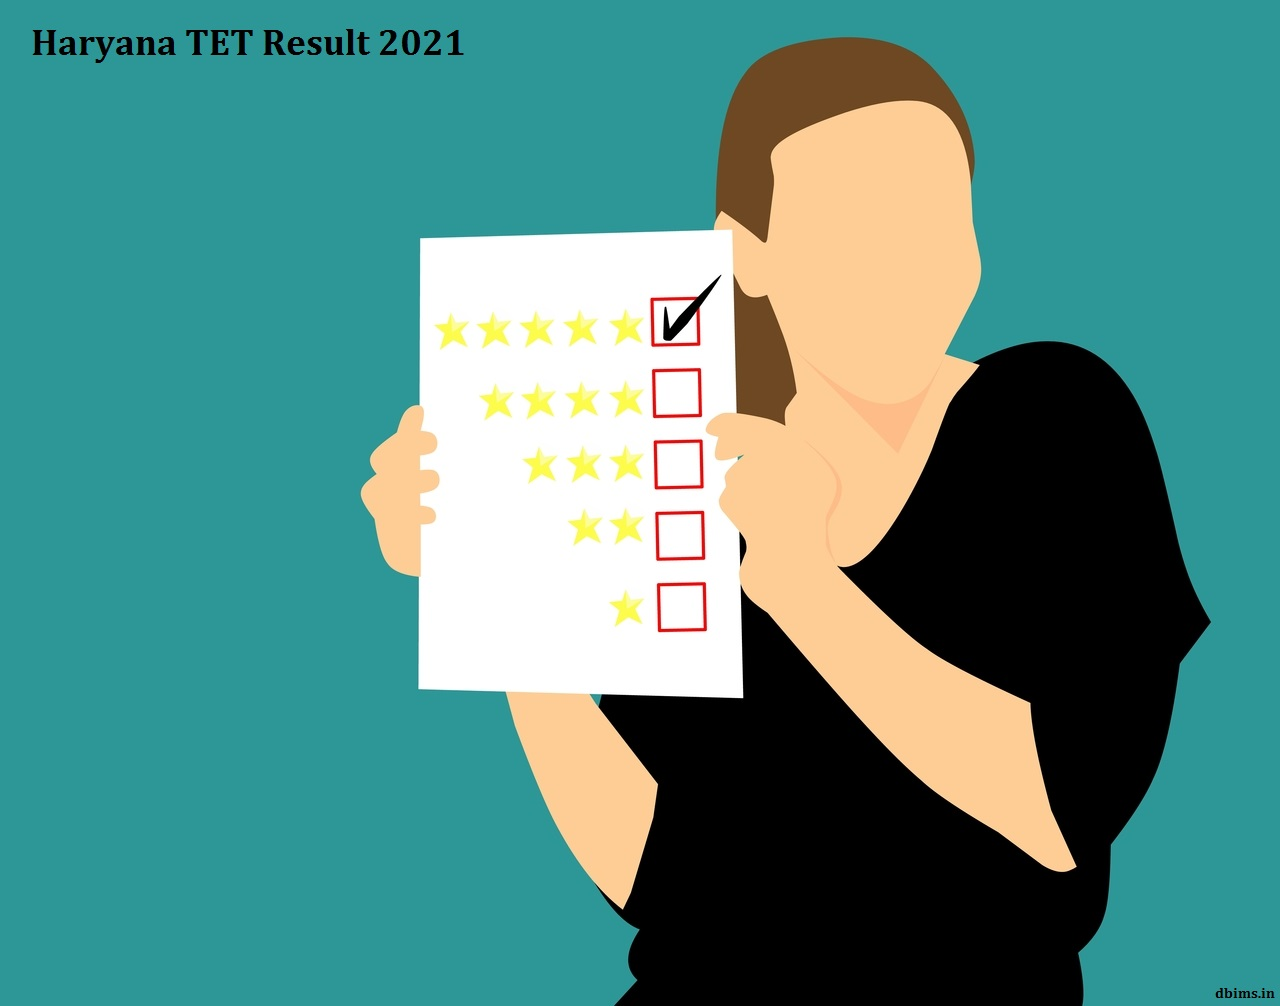 Haryana TET Result 2021